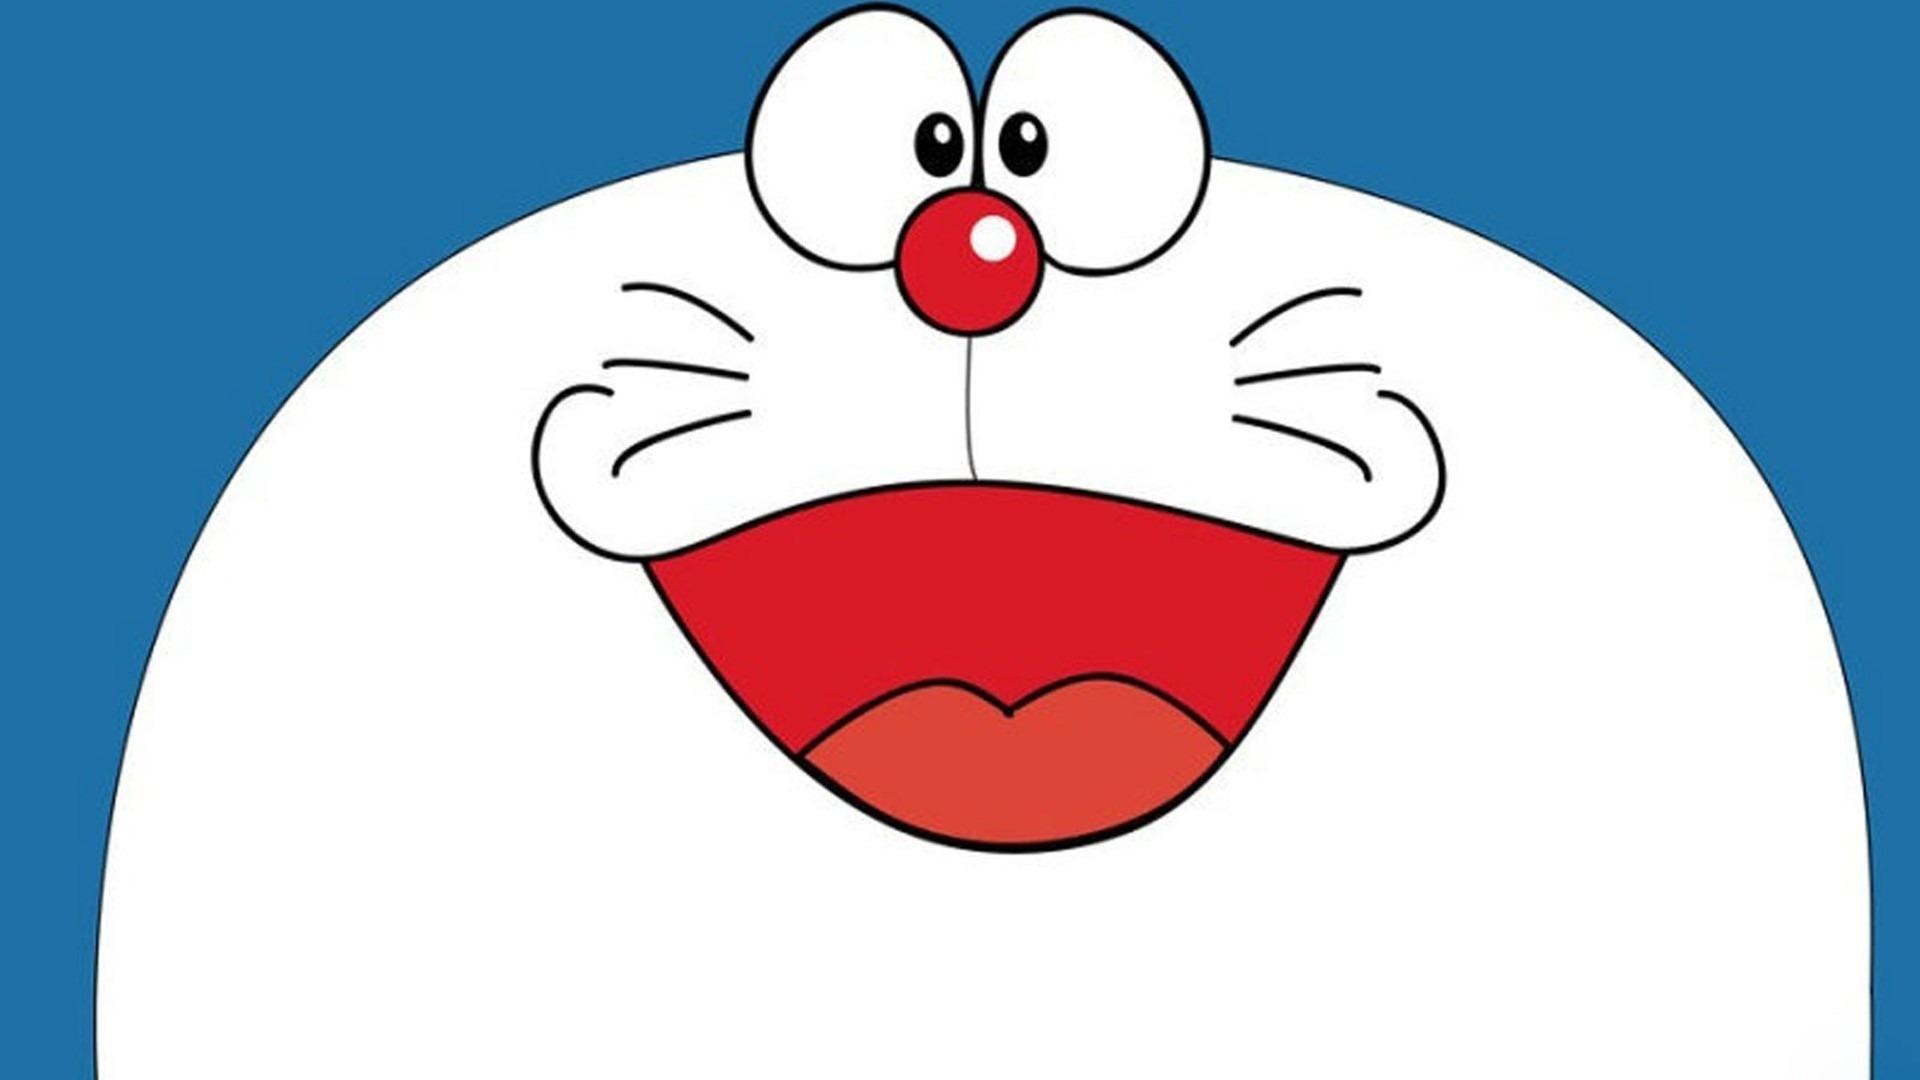 Doraemon Hd Wallpaper Wallpaper High Definition High